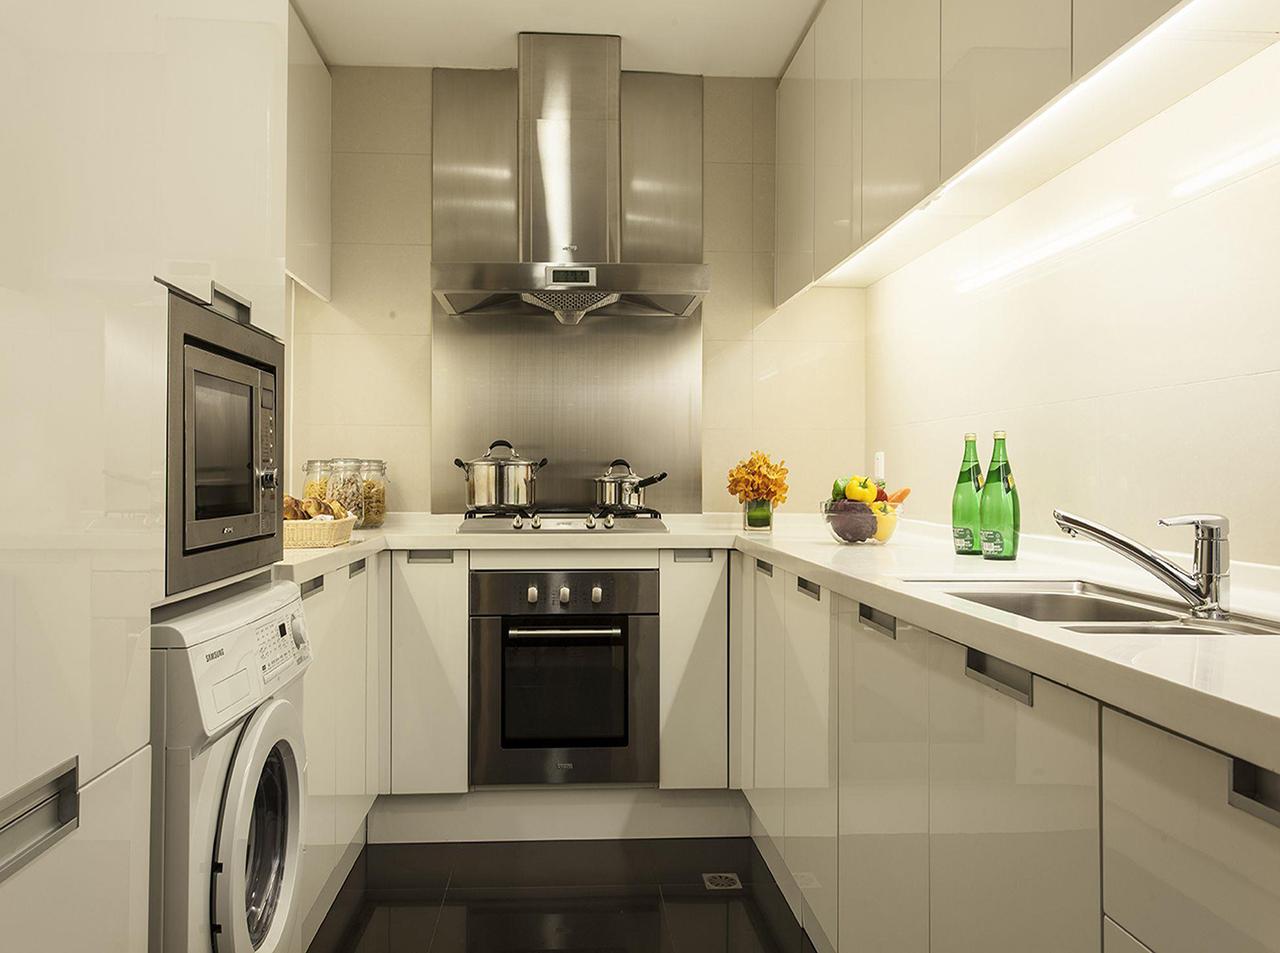 desain dapur untuk rumah type 36 » Begini 4 Kriteria untuk Dapur Minimalis Rumah Tipe 36 yang Terbaik